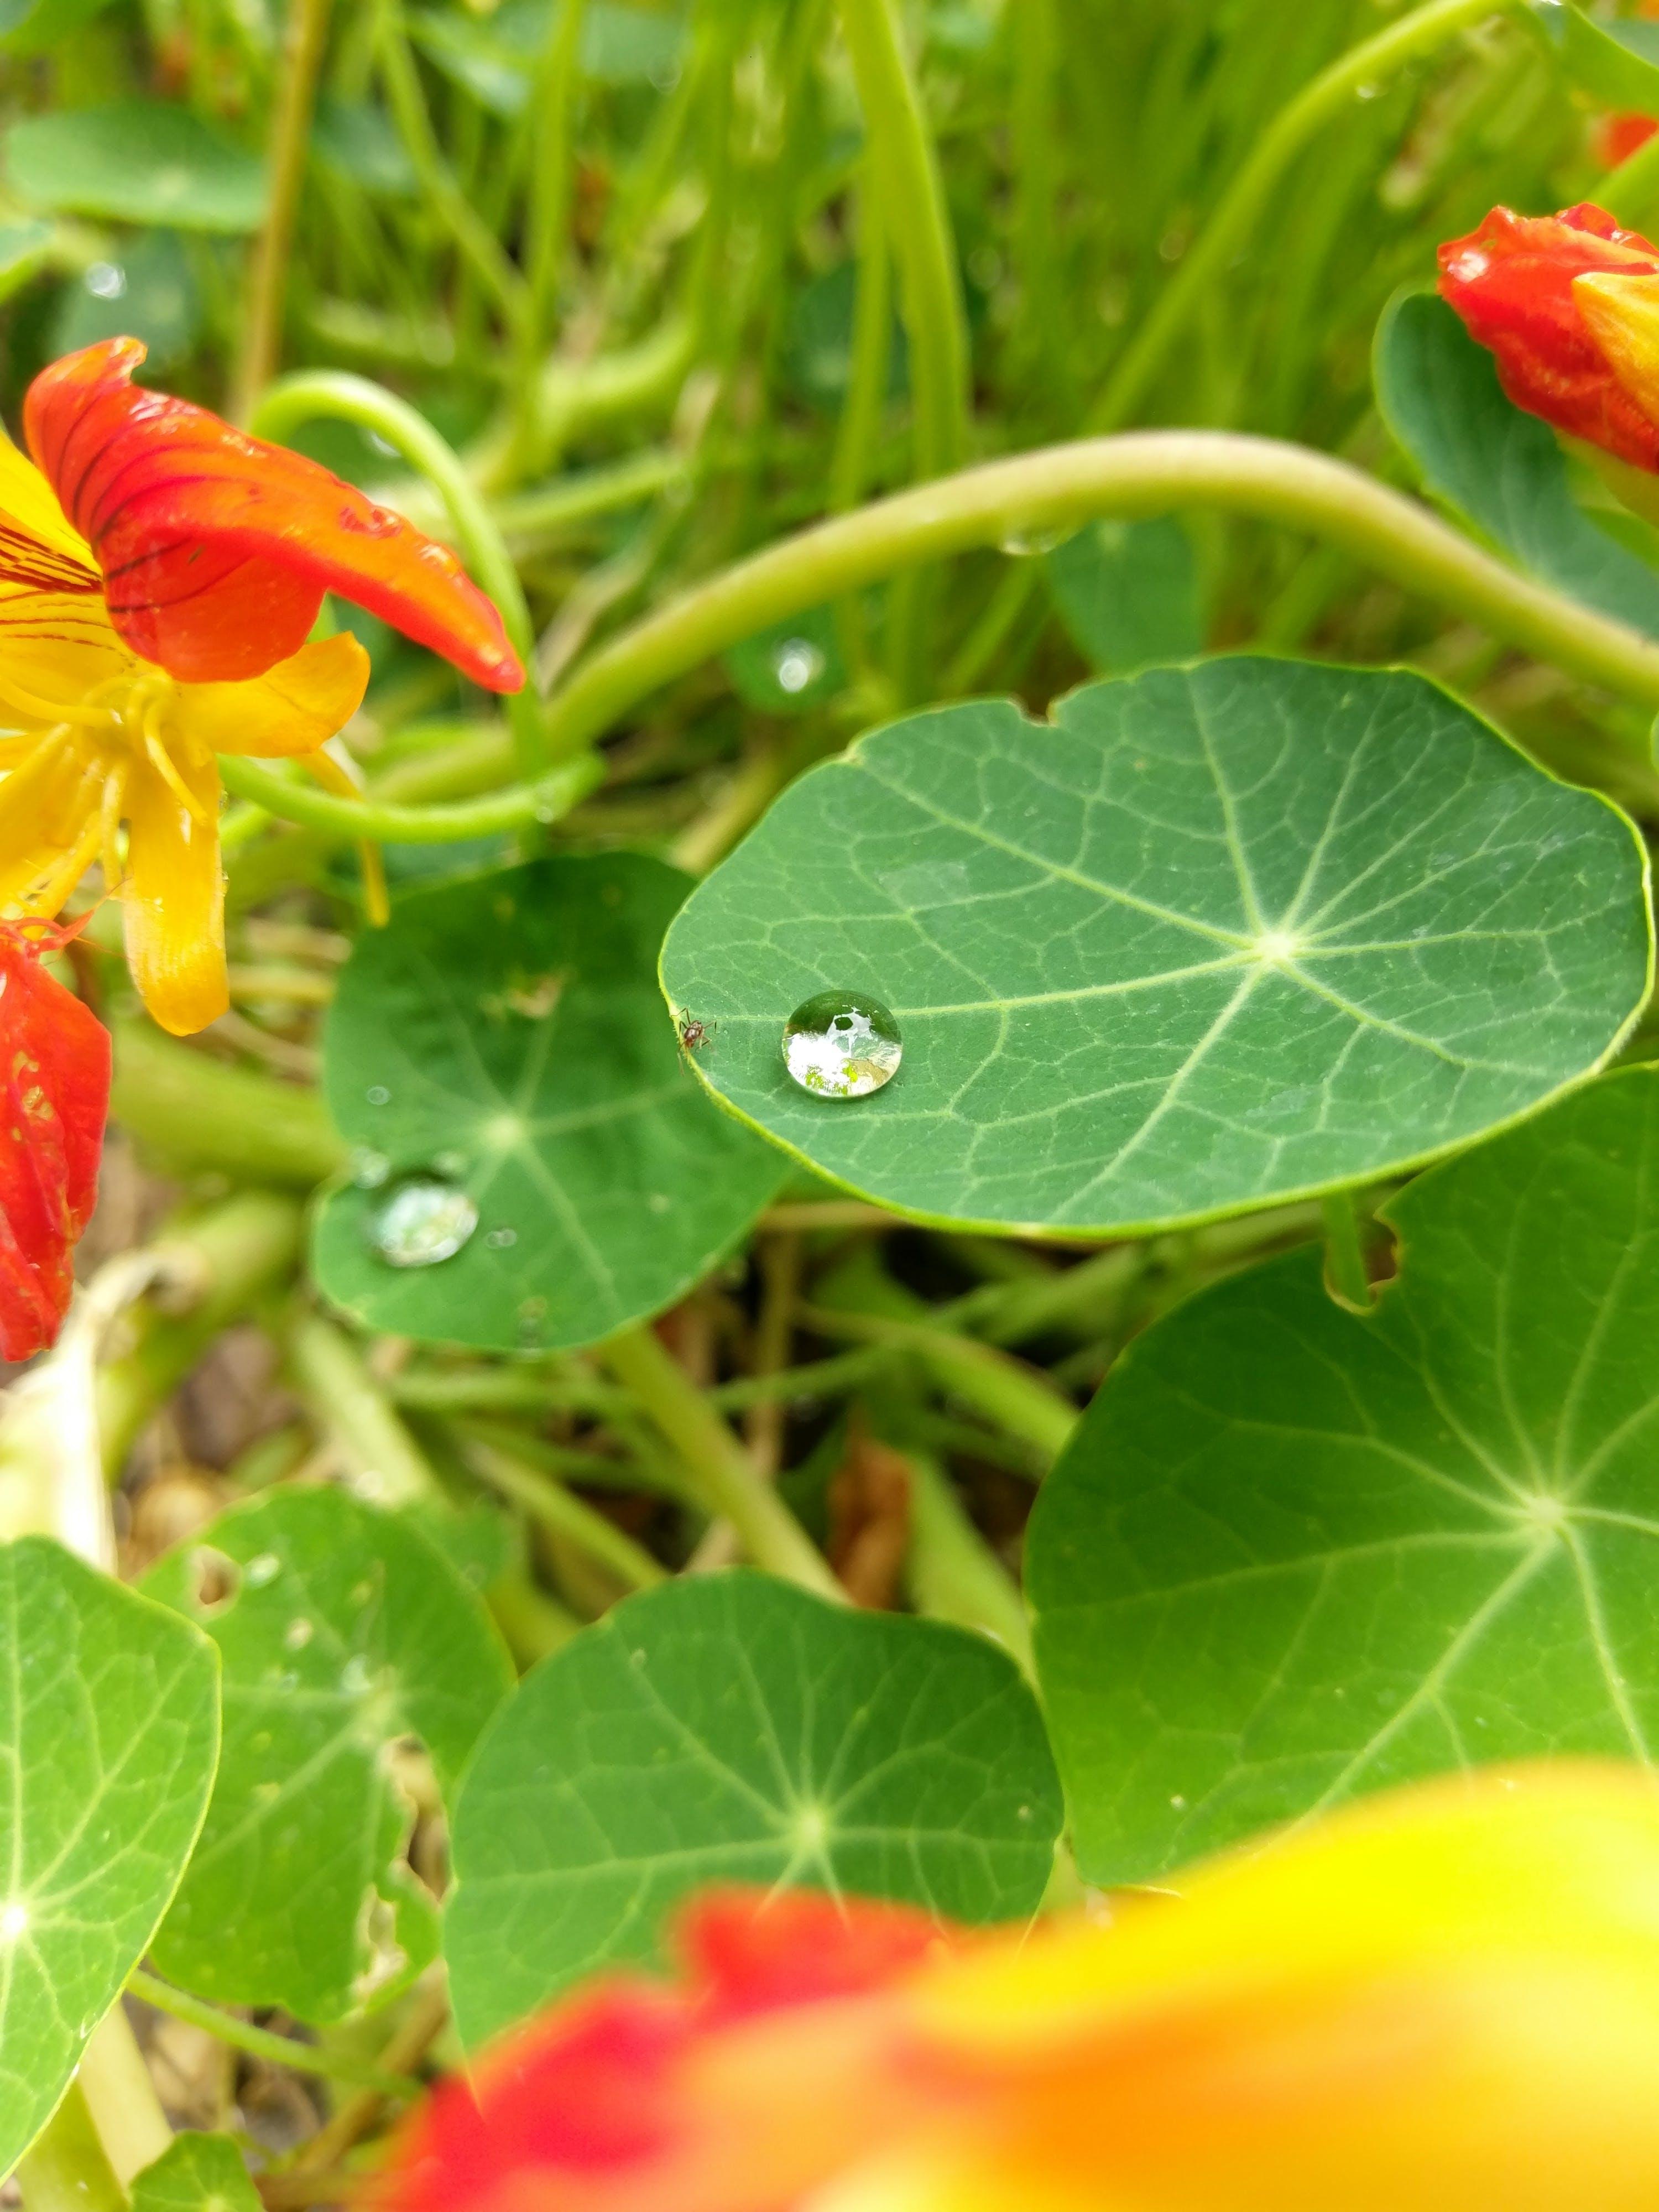 Gratis lagerfoto af dugdråbe, farve, grønt blad, myre